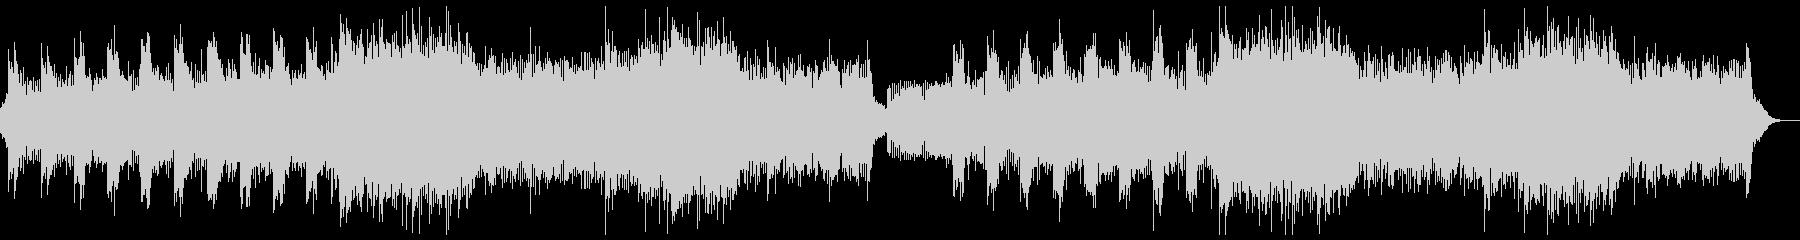 ホラー系のヘビーメタルロック・戦闘バトルの未再生の波形